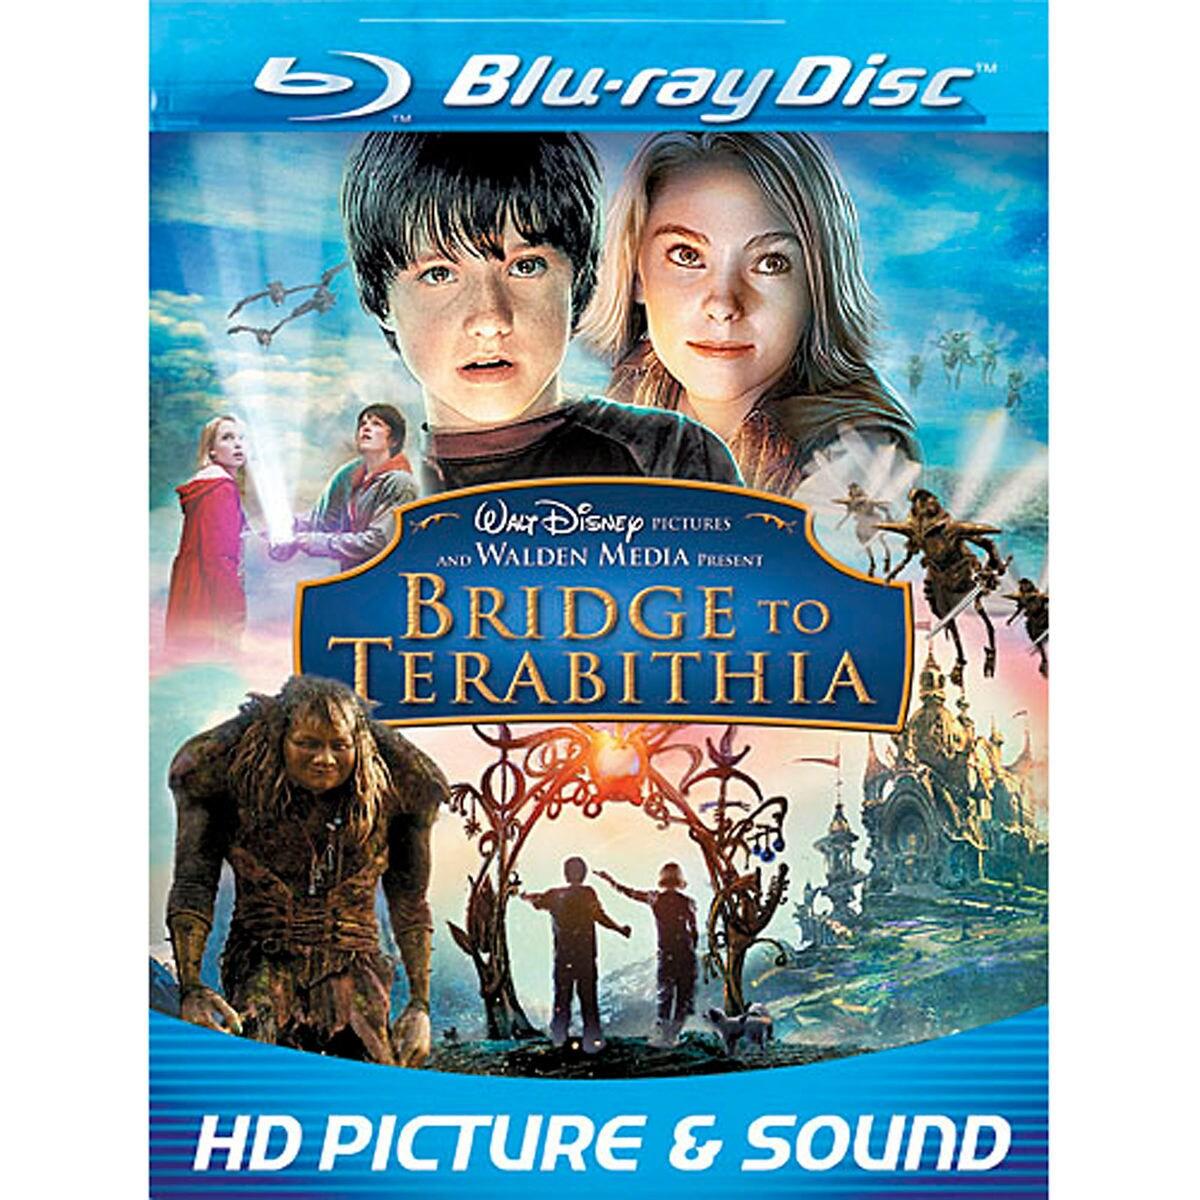 Bridge To Terabithia Blu-ray   shopDisney